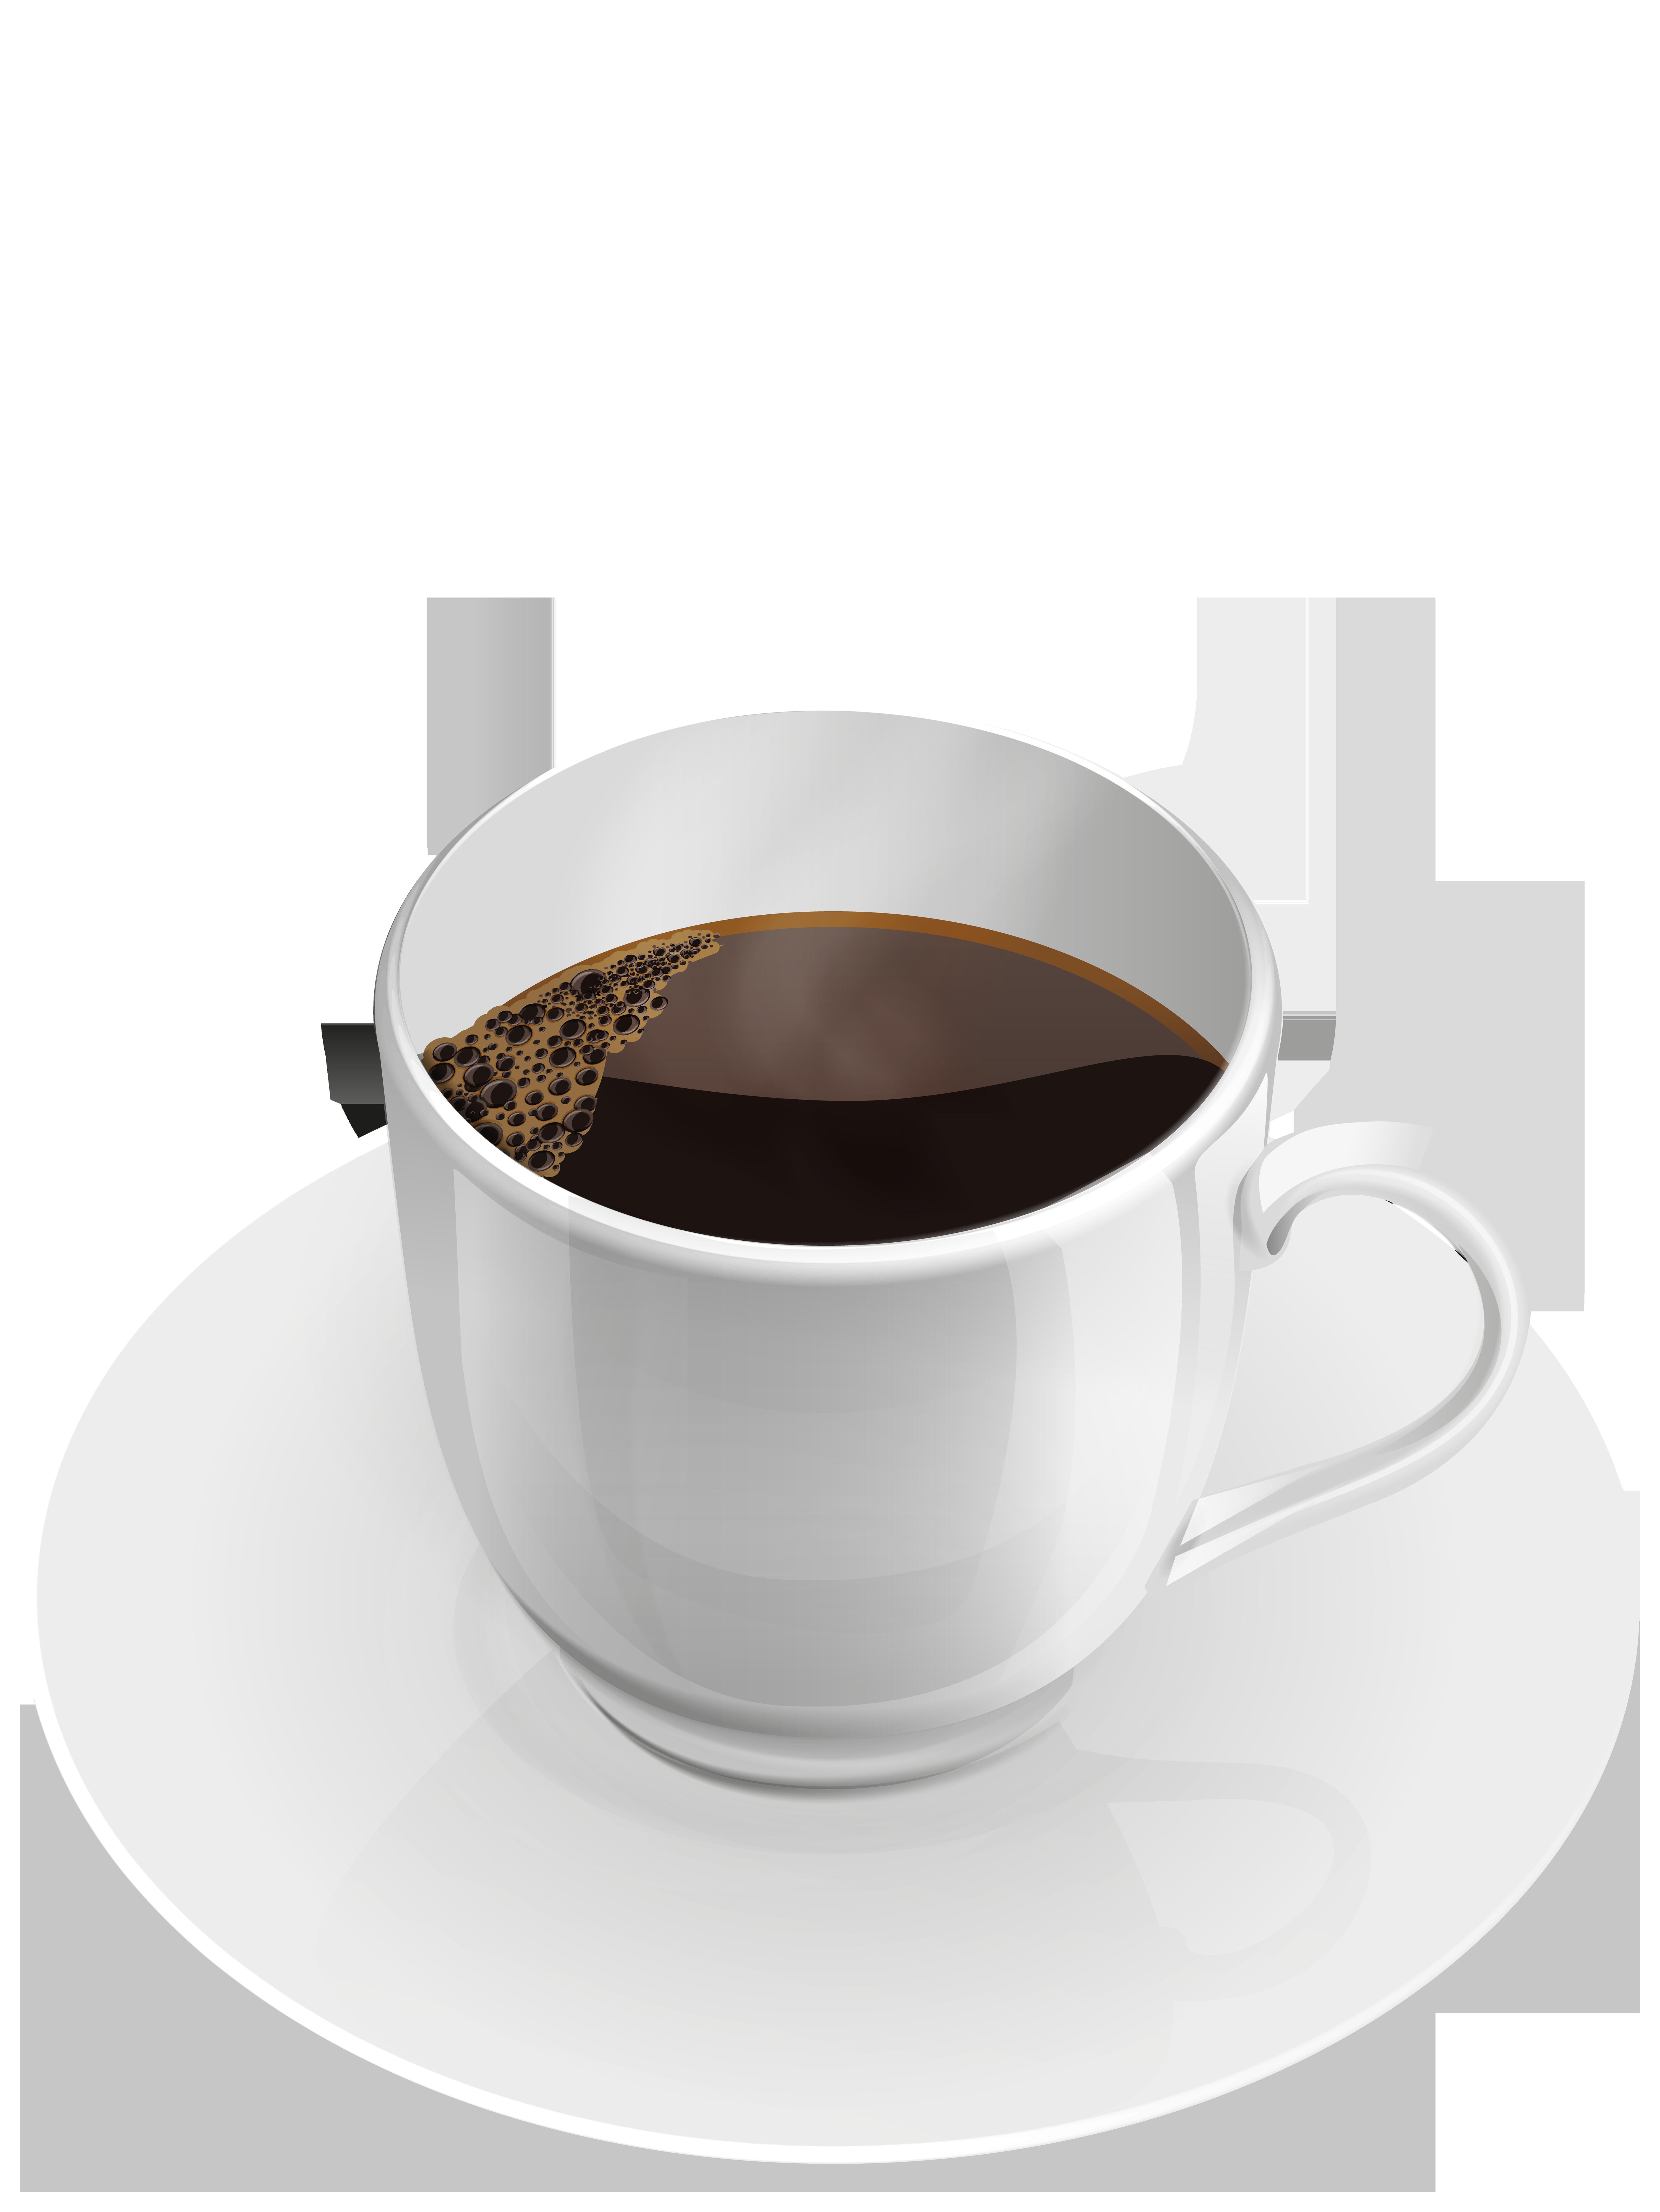 Ristretto caff americano tea. Clipart coffee espresso